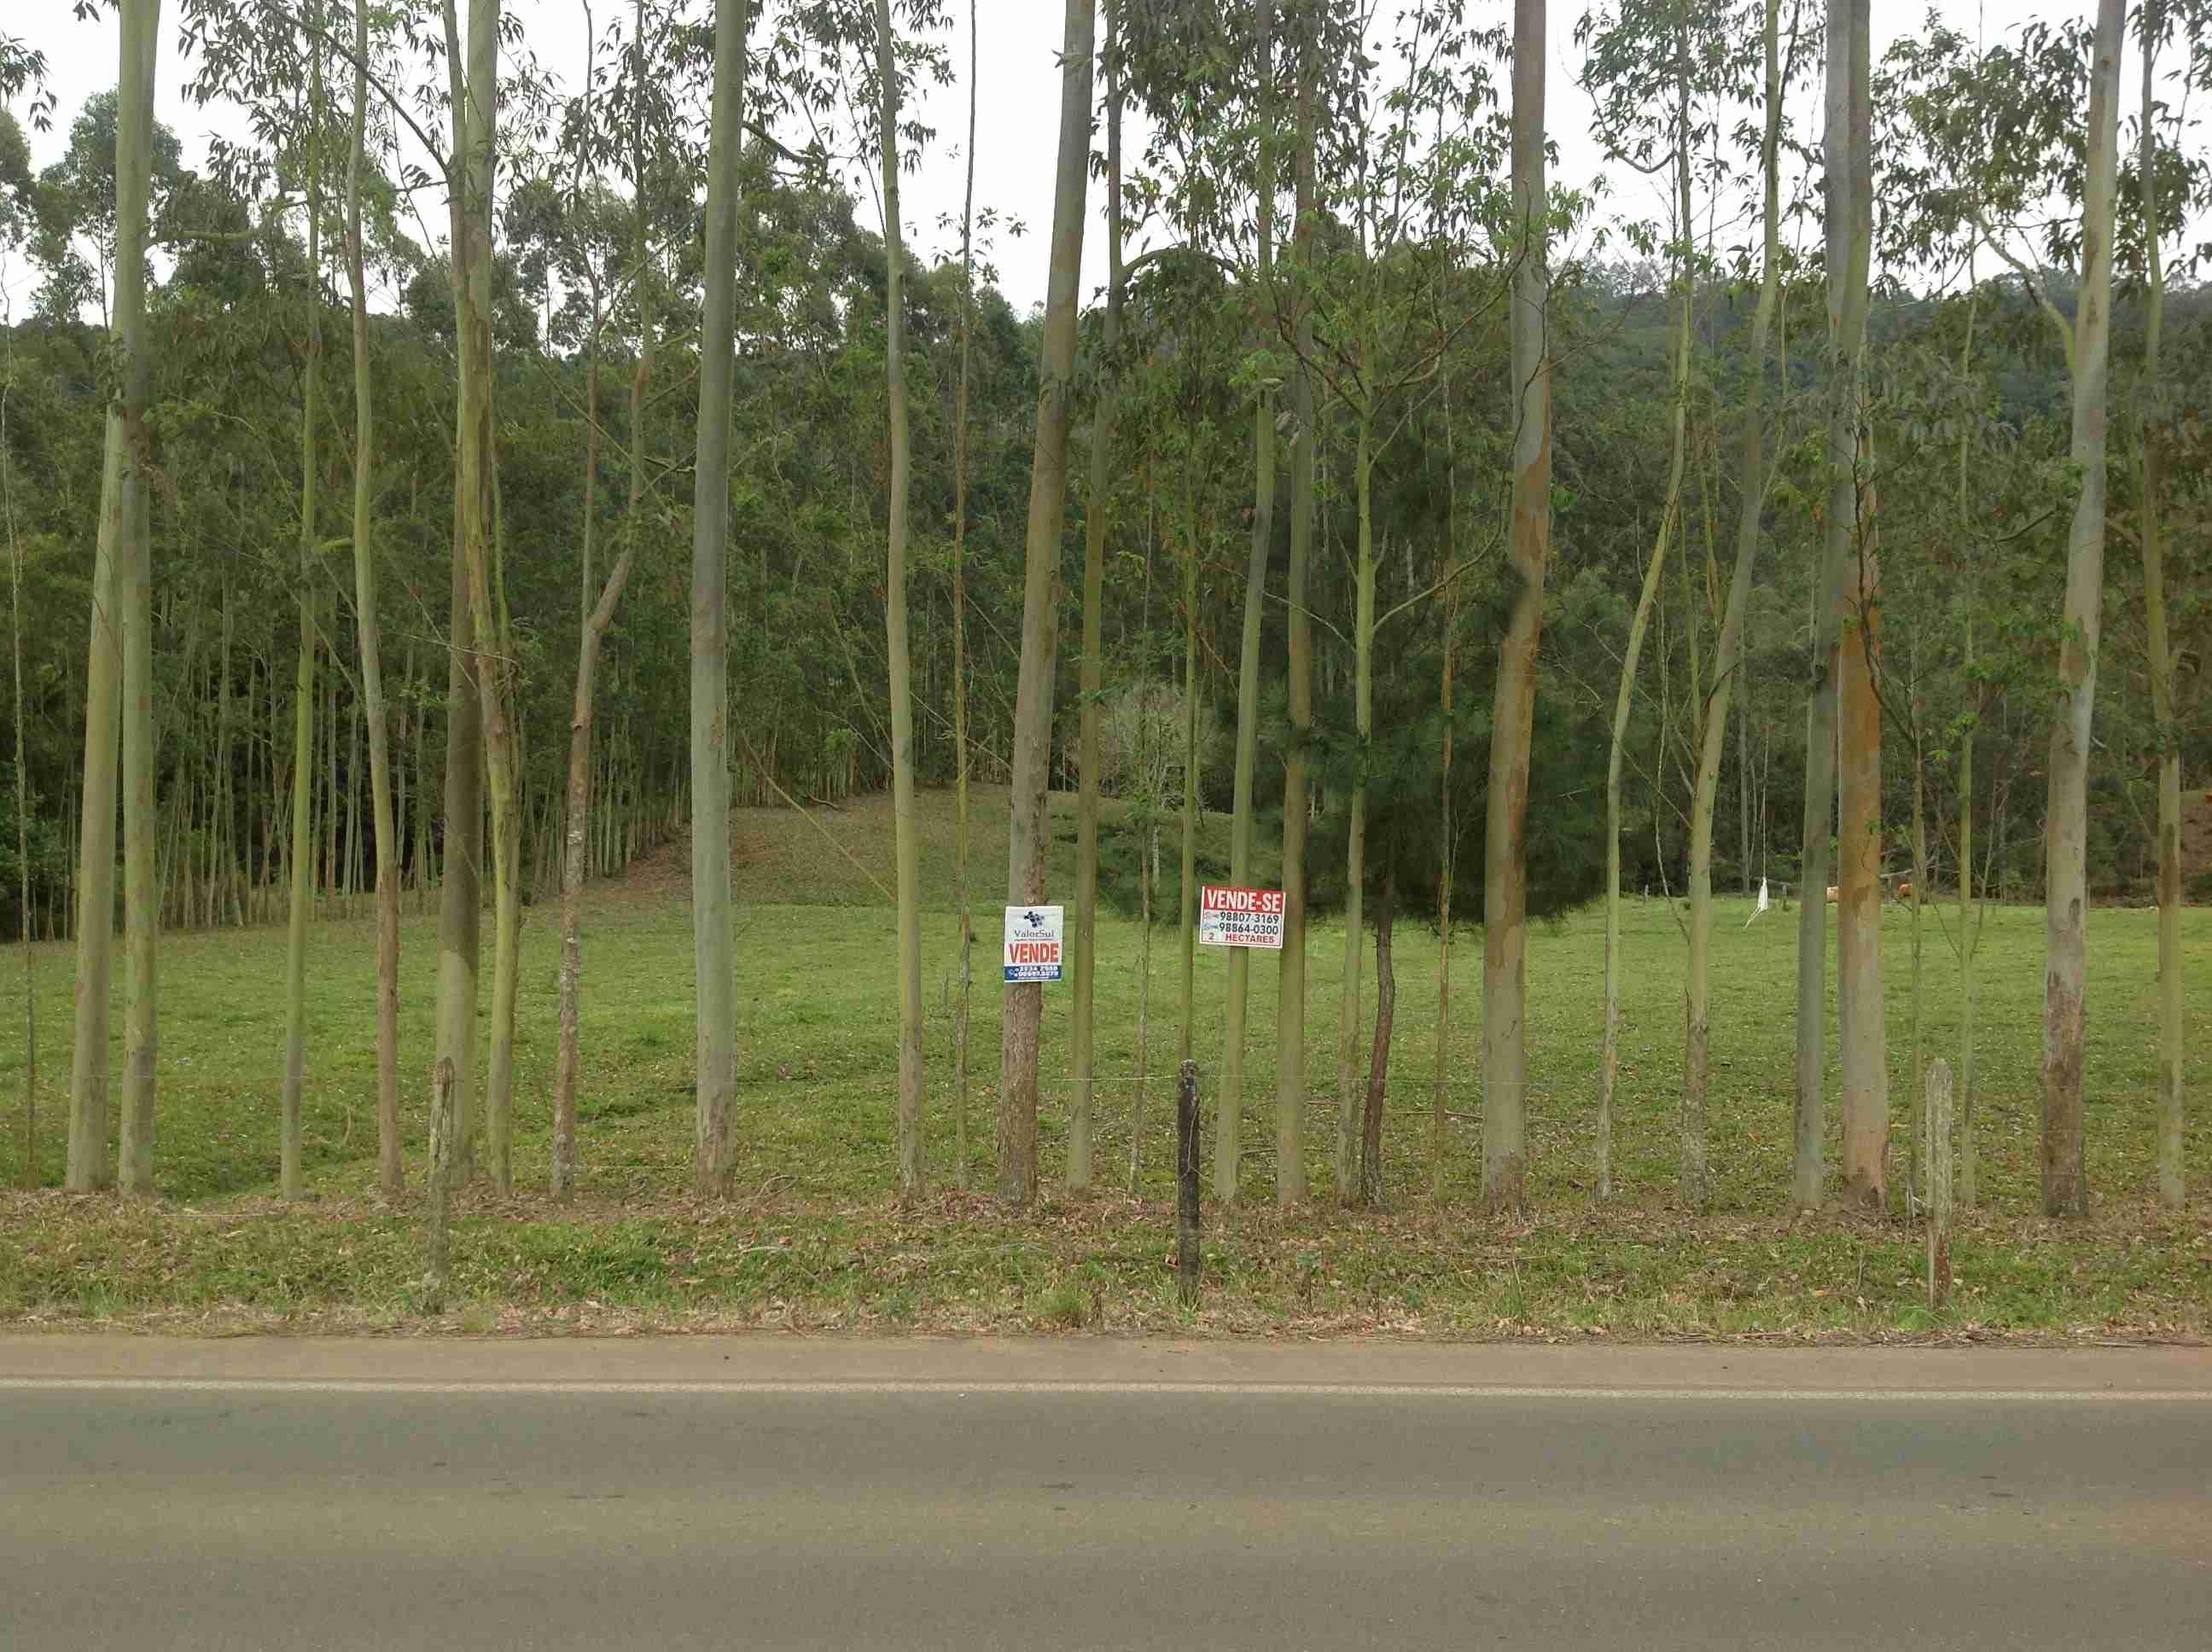 Imóvel (119)Sítio 20.000m2=2,00ha frente p/asfalto estrada geral Vila Nova a 2km centro Santa Rosa do Sul,parte reflorestada c/ eucalípto,fundos bananal,vertente c/ água potável,frente pastagen